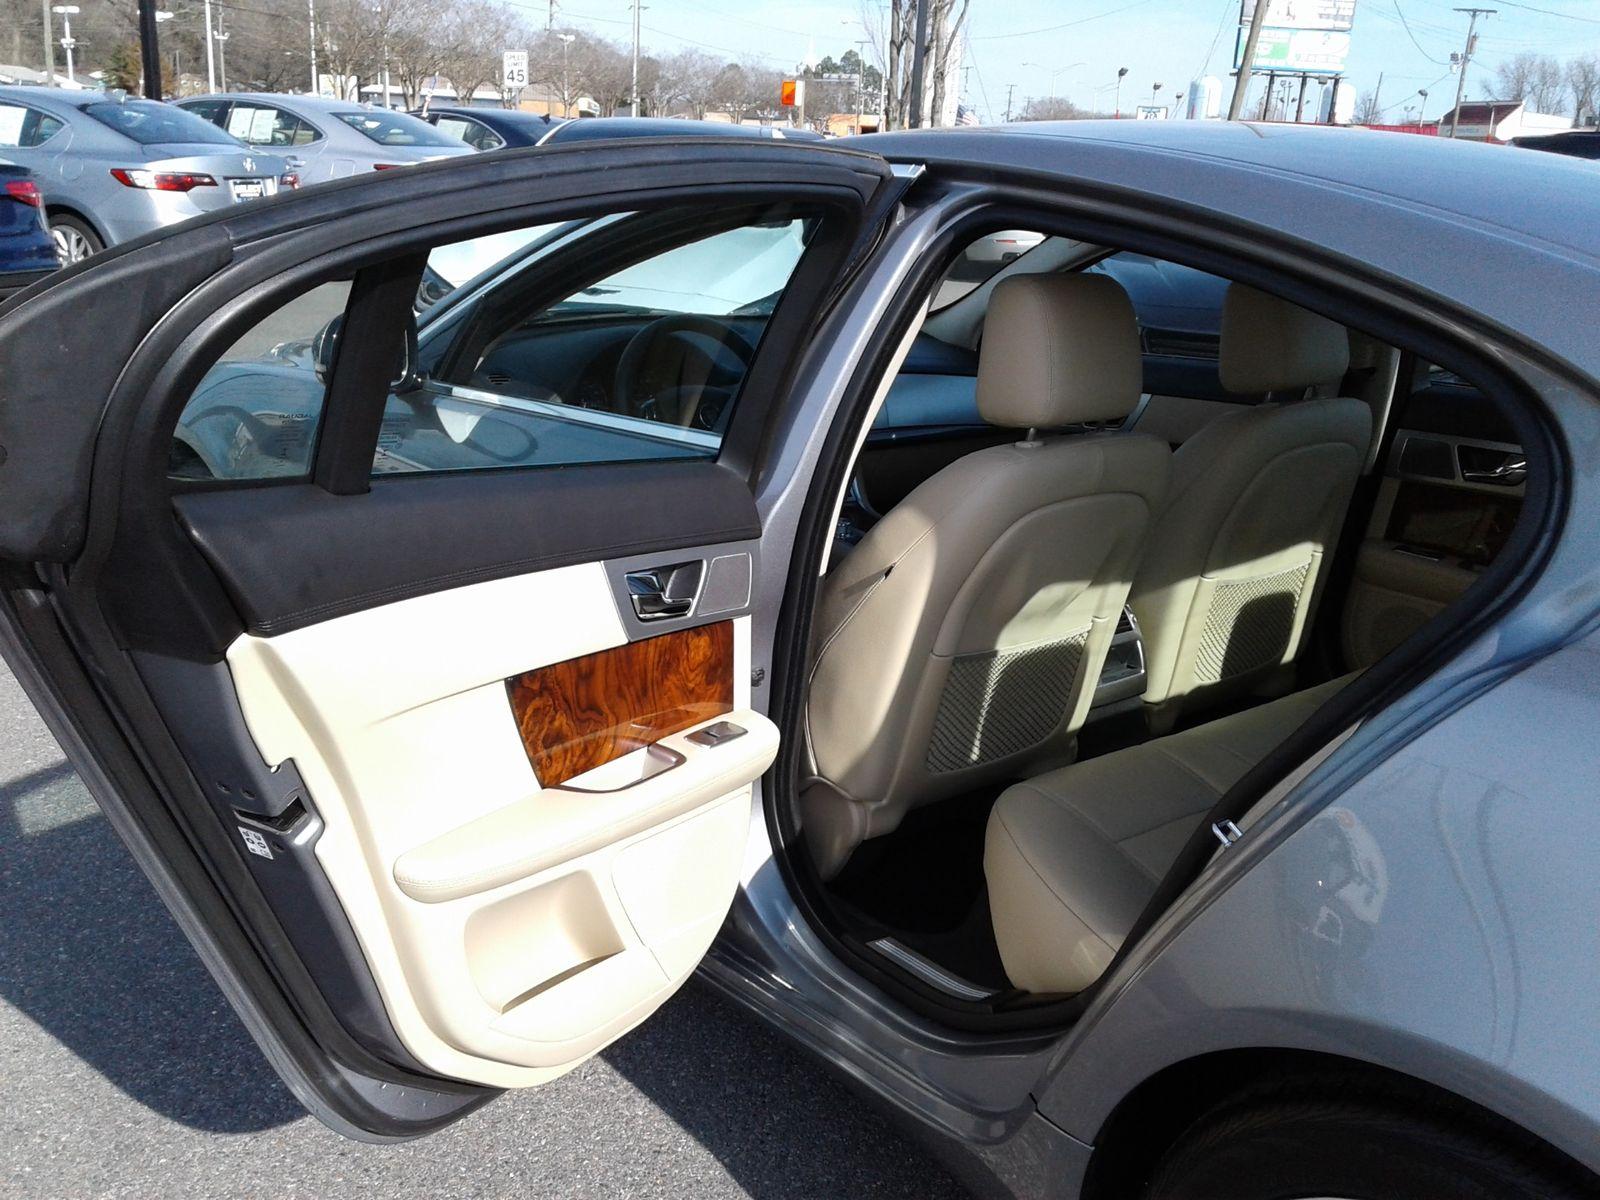 car jaguar the xf sedan review brit artistry black